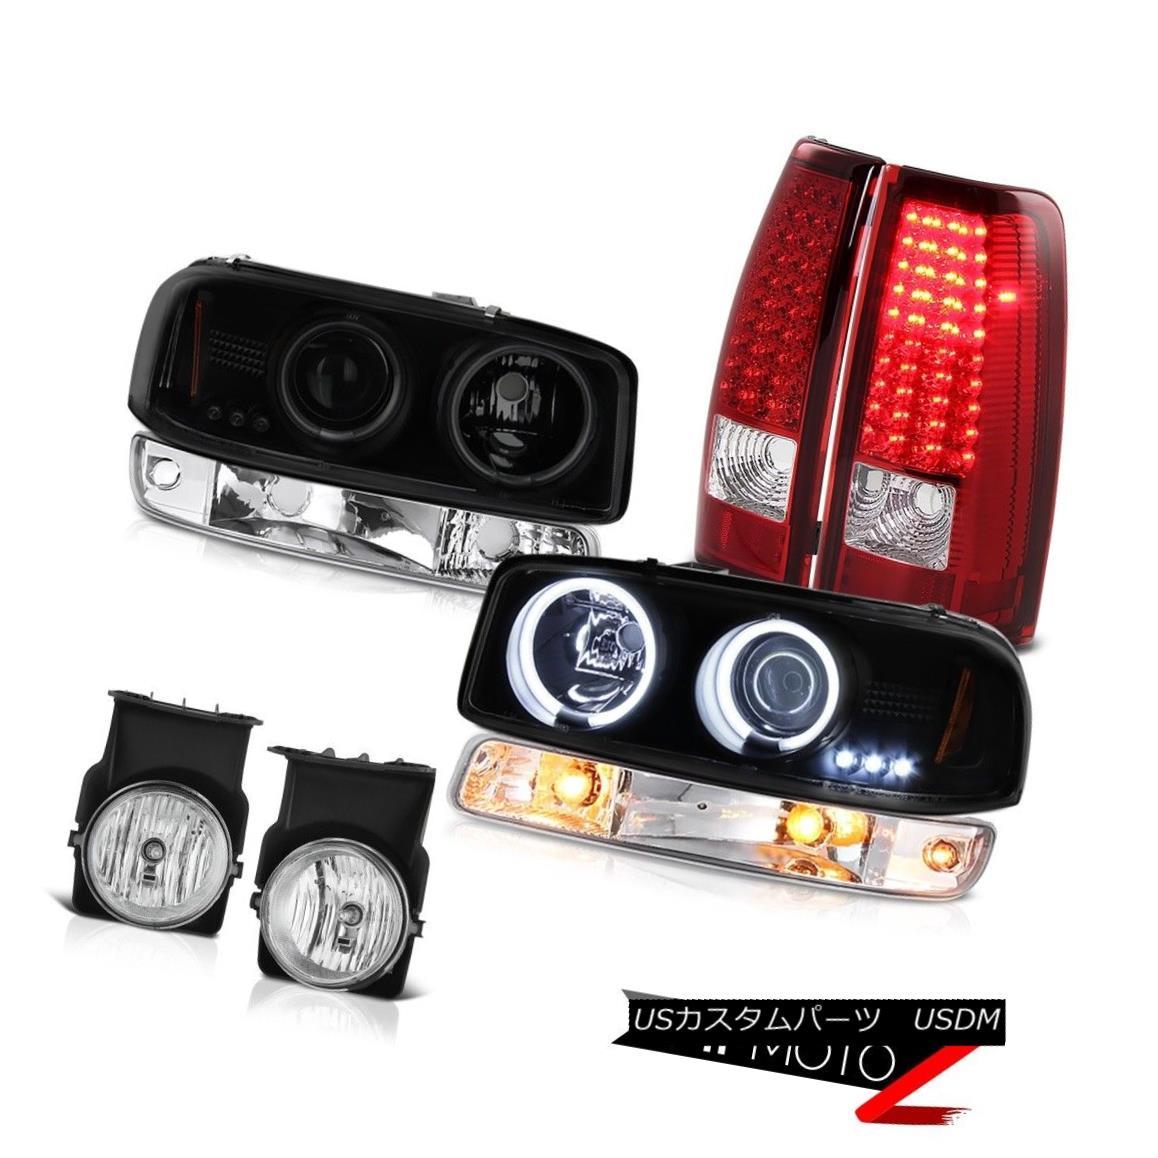 テールライト 2003-2006 Sierra 2500HD Foglamps tail brake lights parking light ccfl headlamps 2003-2006 Sierra 2500HD Foglampsテールブレーキライト、パーキングライトccflヘッドランプ